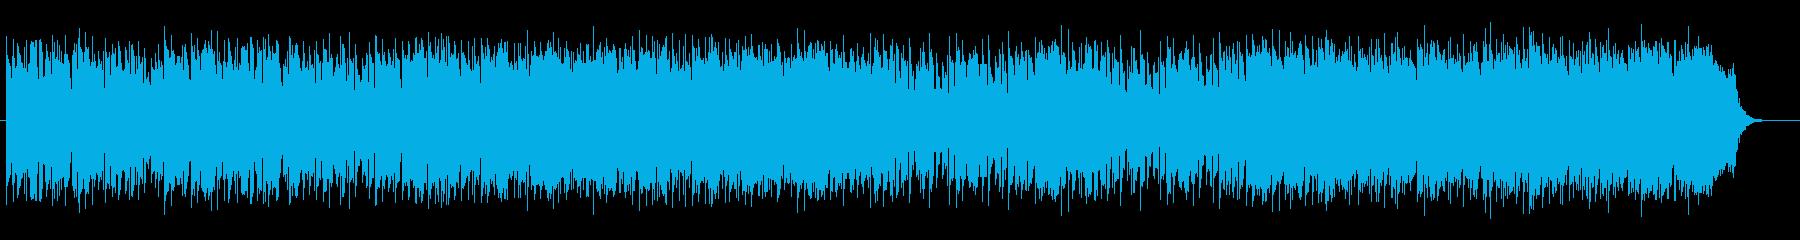 優しく朗らかなトランペットサウンドの再生済みの波形